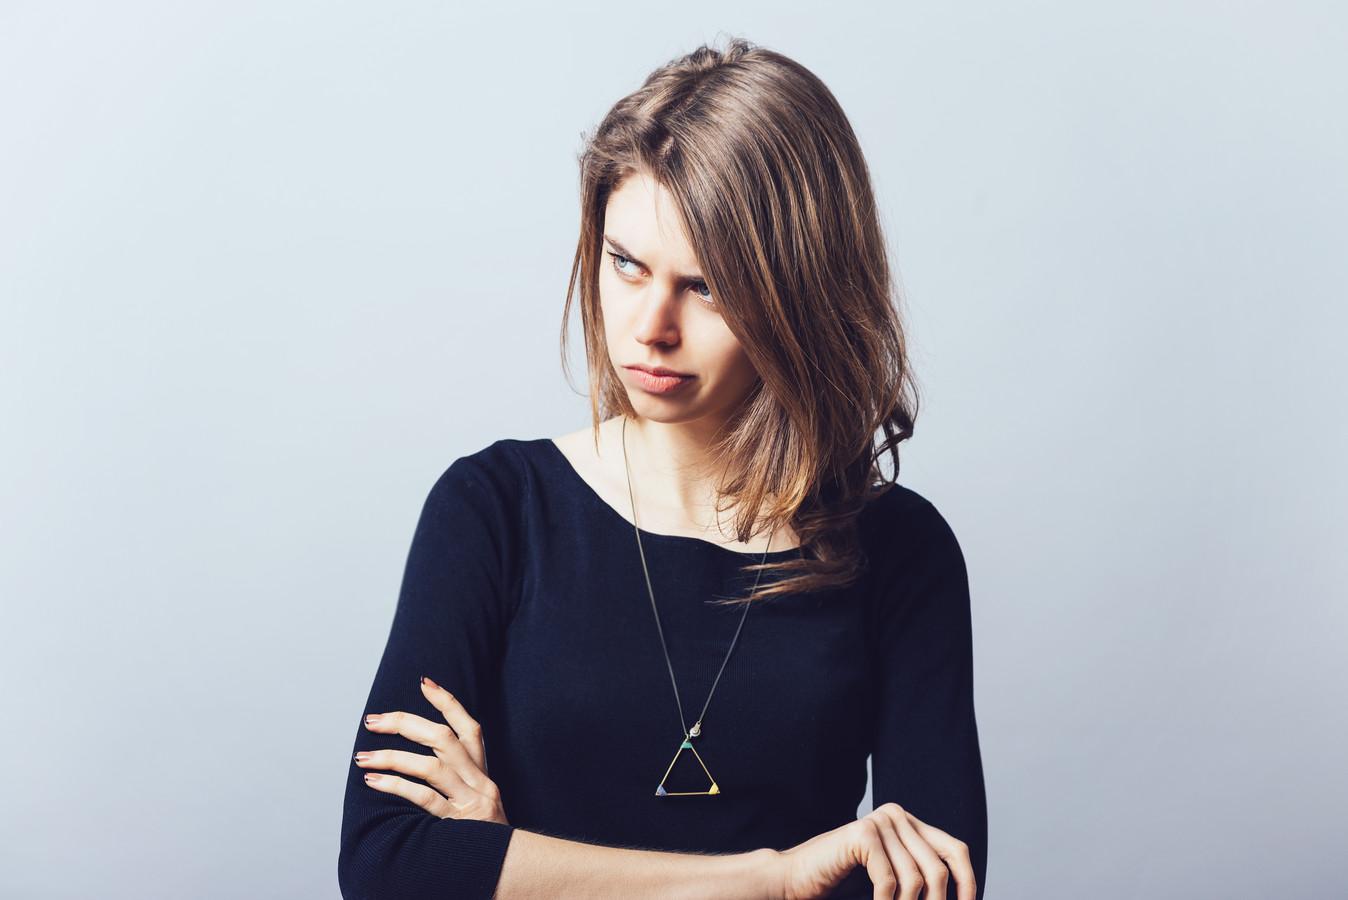 Er is een verband tussen migraine en jaloezie bij vrouwen, blijkt uit onderzoek.